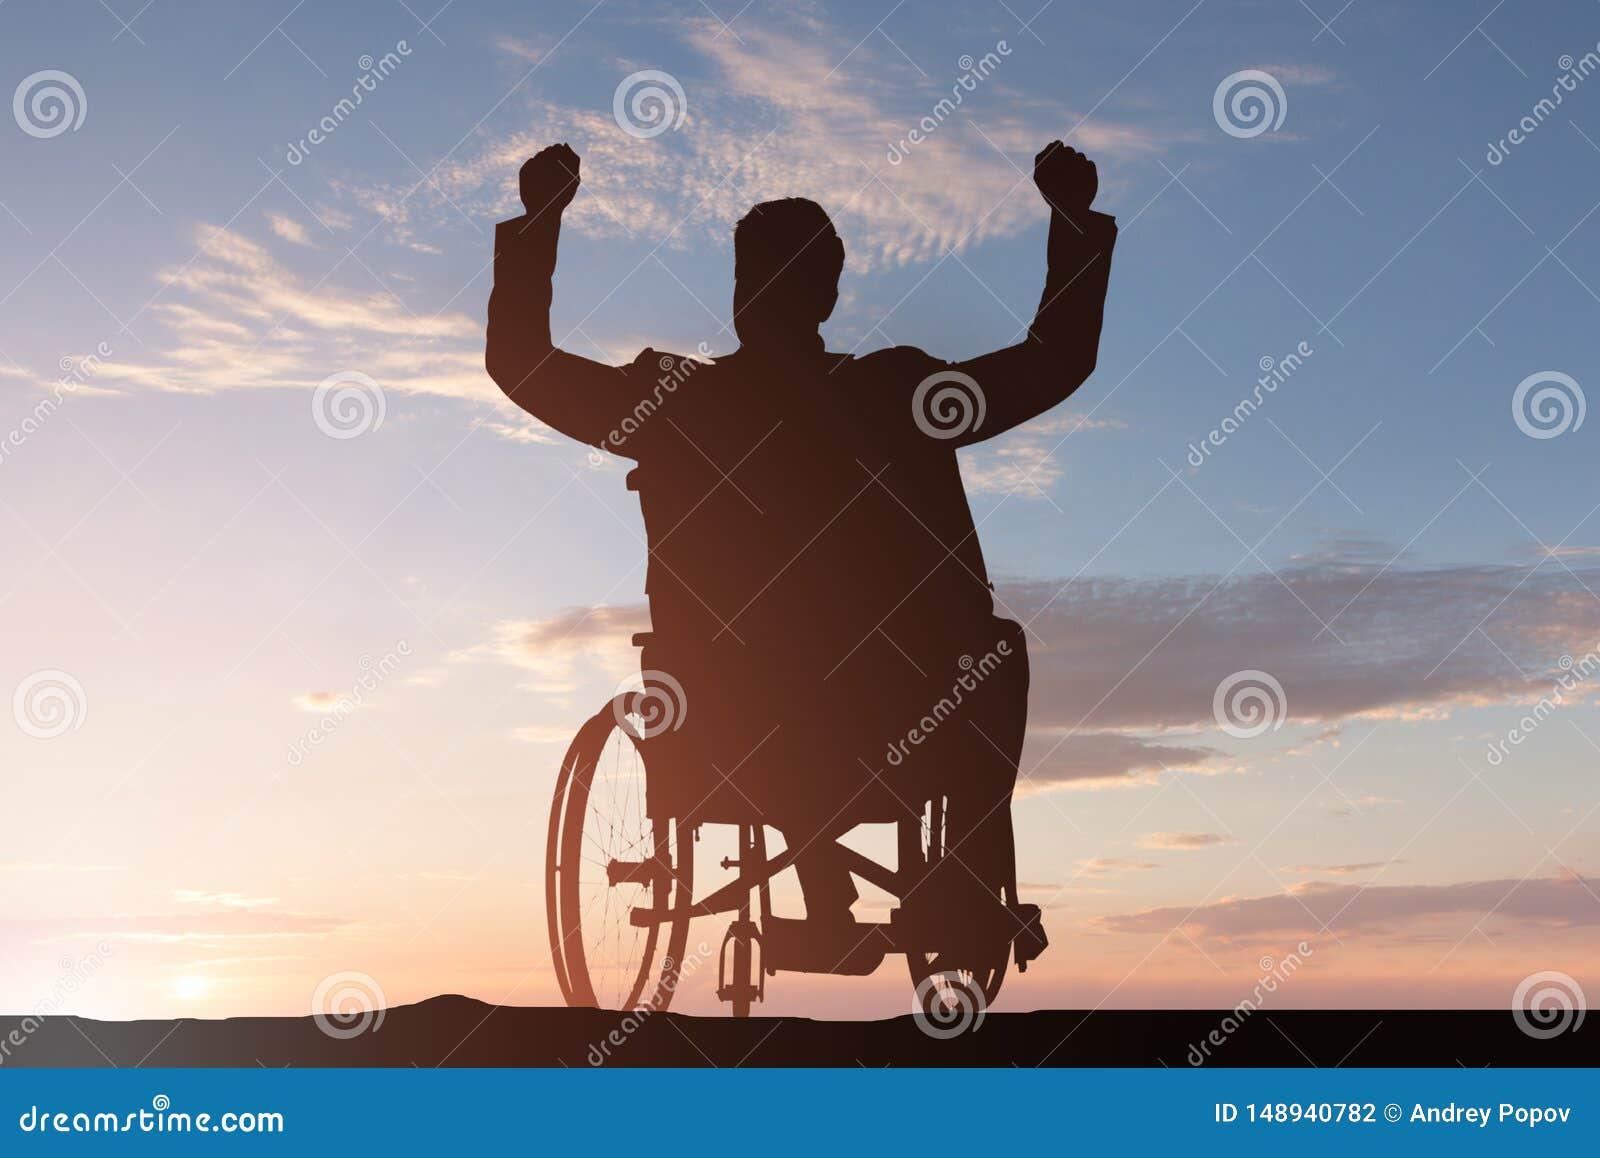 Silueta de un hombre discapacitado en la silla de ruedas